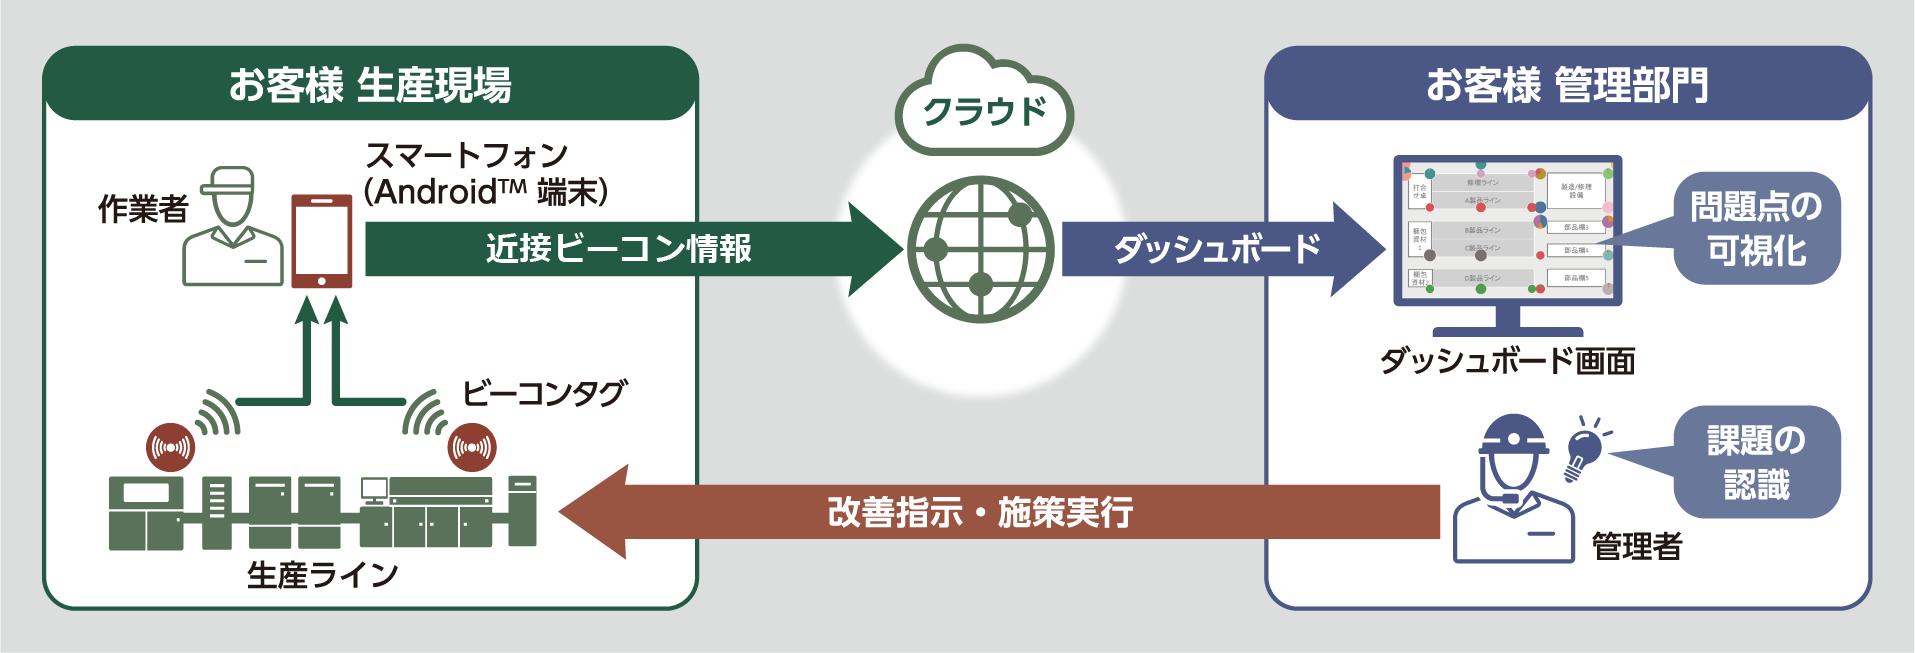 「人動線モニタリングサービス」イメージ図